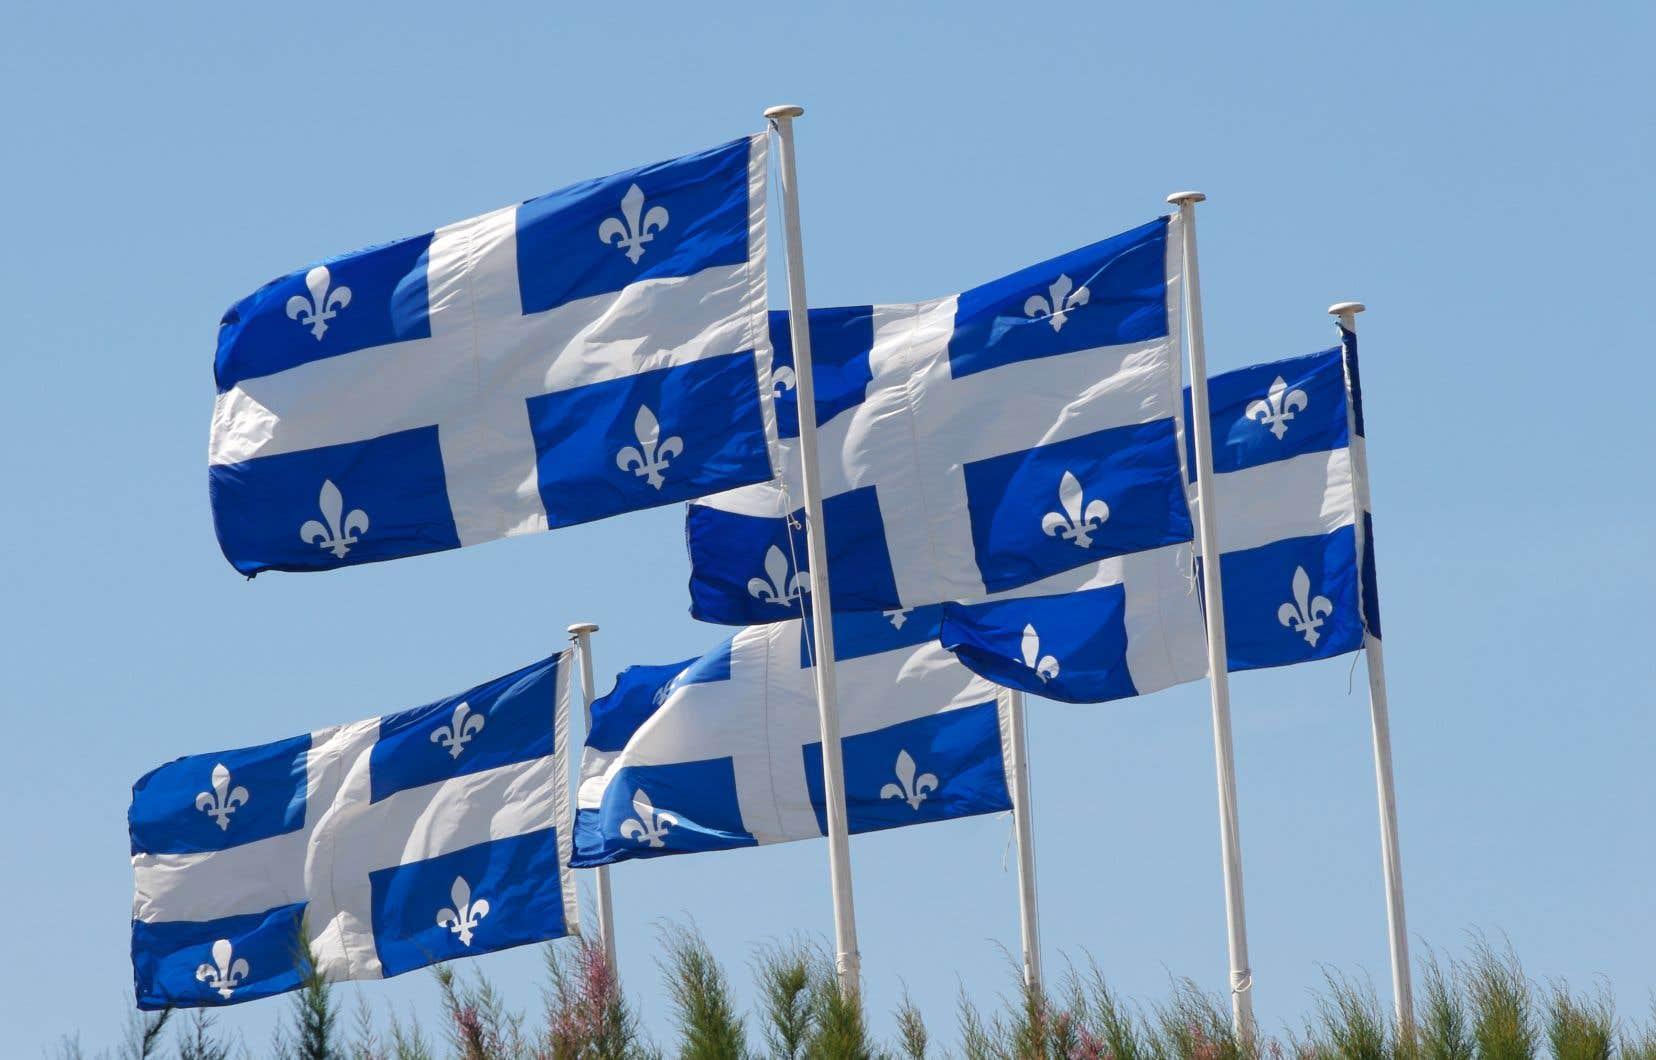 «La réalité, selon Statistique Canada, c'est qu'un dollar investi dans les services publics rapporte en moyenne 1,10$ au PIB québécois, alors qu'un dollar d'investissement dans le secteur primaire rapporte autour de 0,80$», écrivent les signataires.